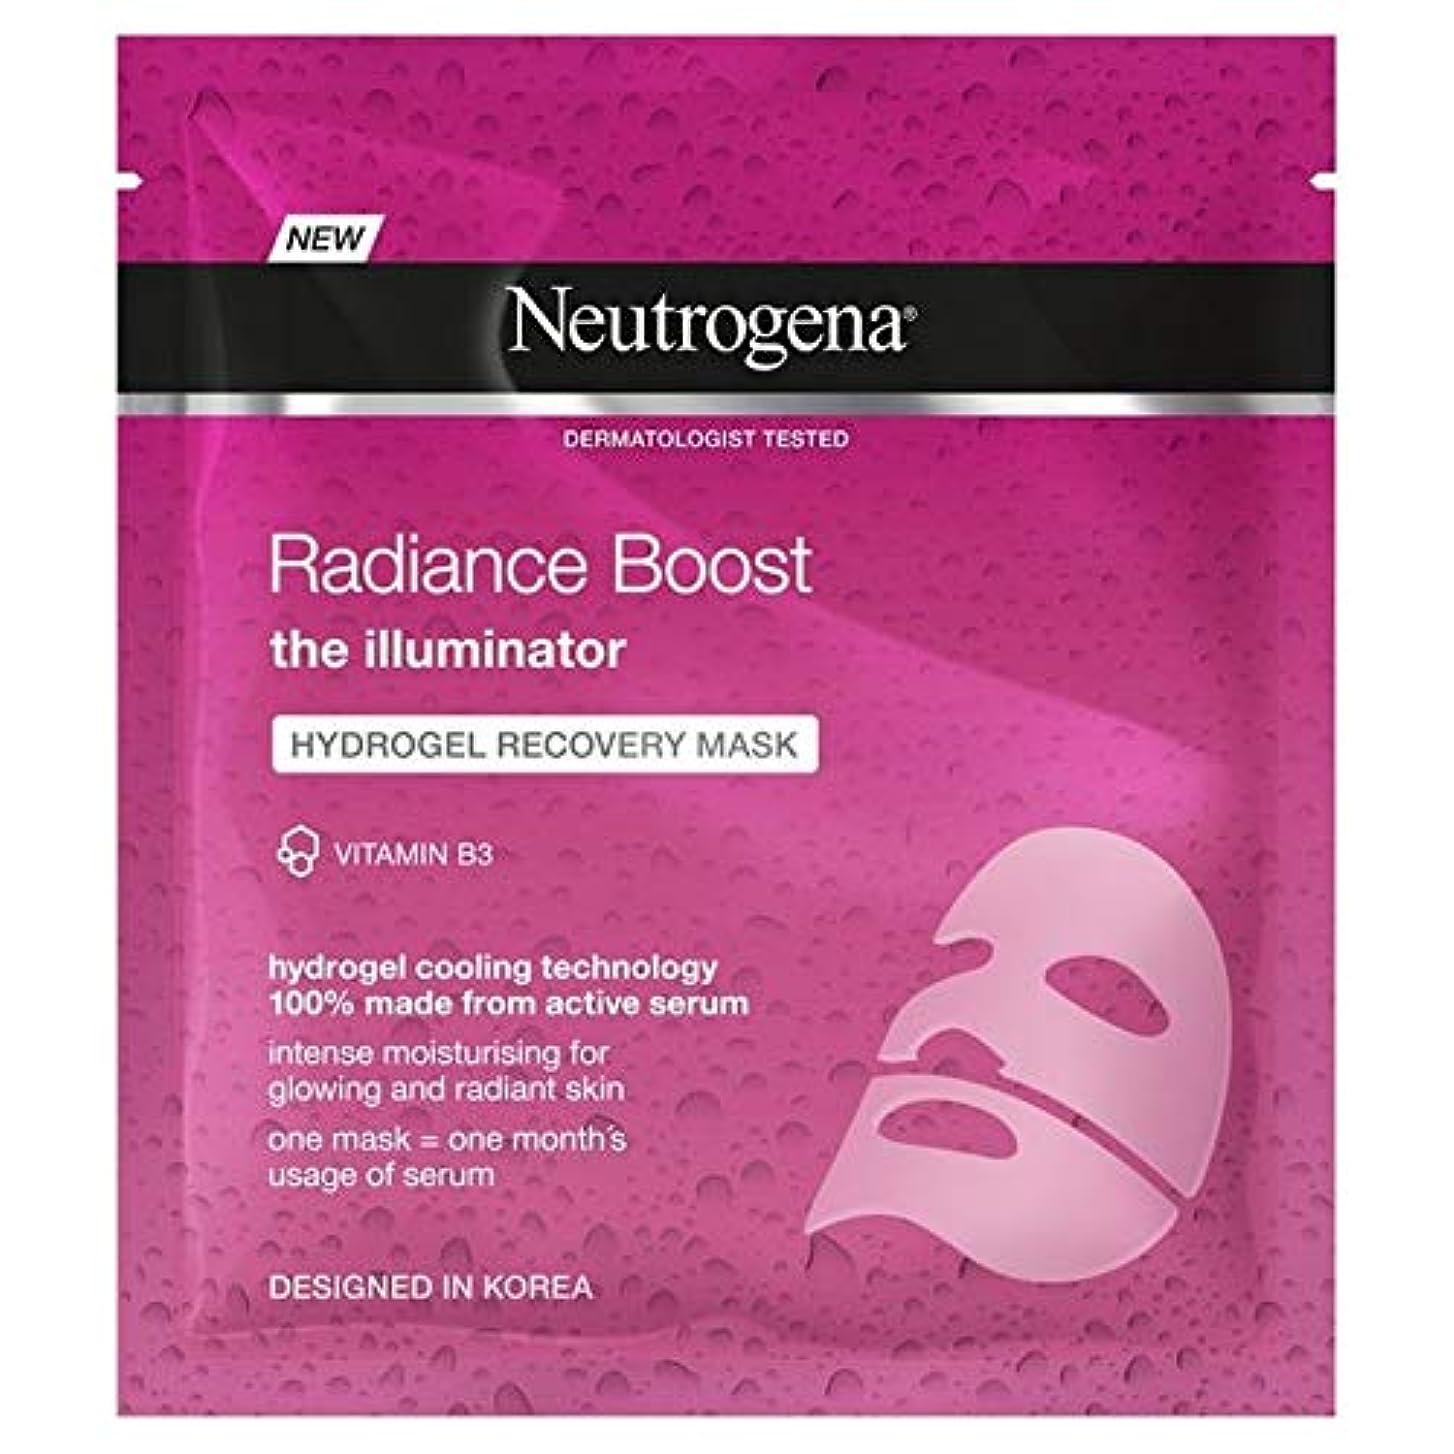 義務的コンピューターゲームをプレイする緯度[Neutrogena] ニュートロジーナ放射輝度ブーストハイドロゲルマスク30ミリリットル - Neutrogena Radiance Boost Hydrogel Mask 30ml [並行輸入品]